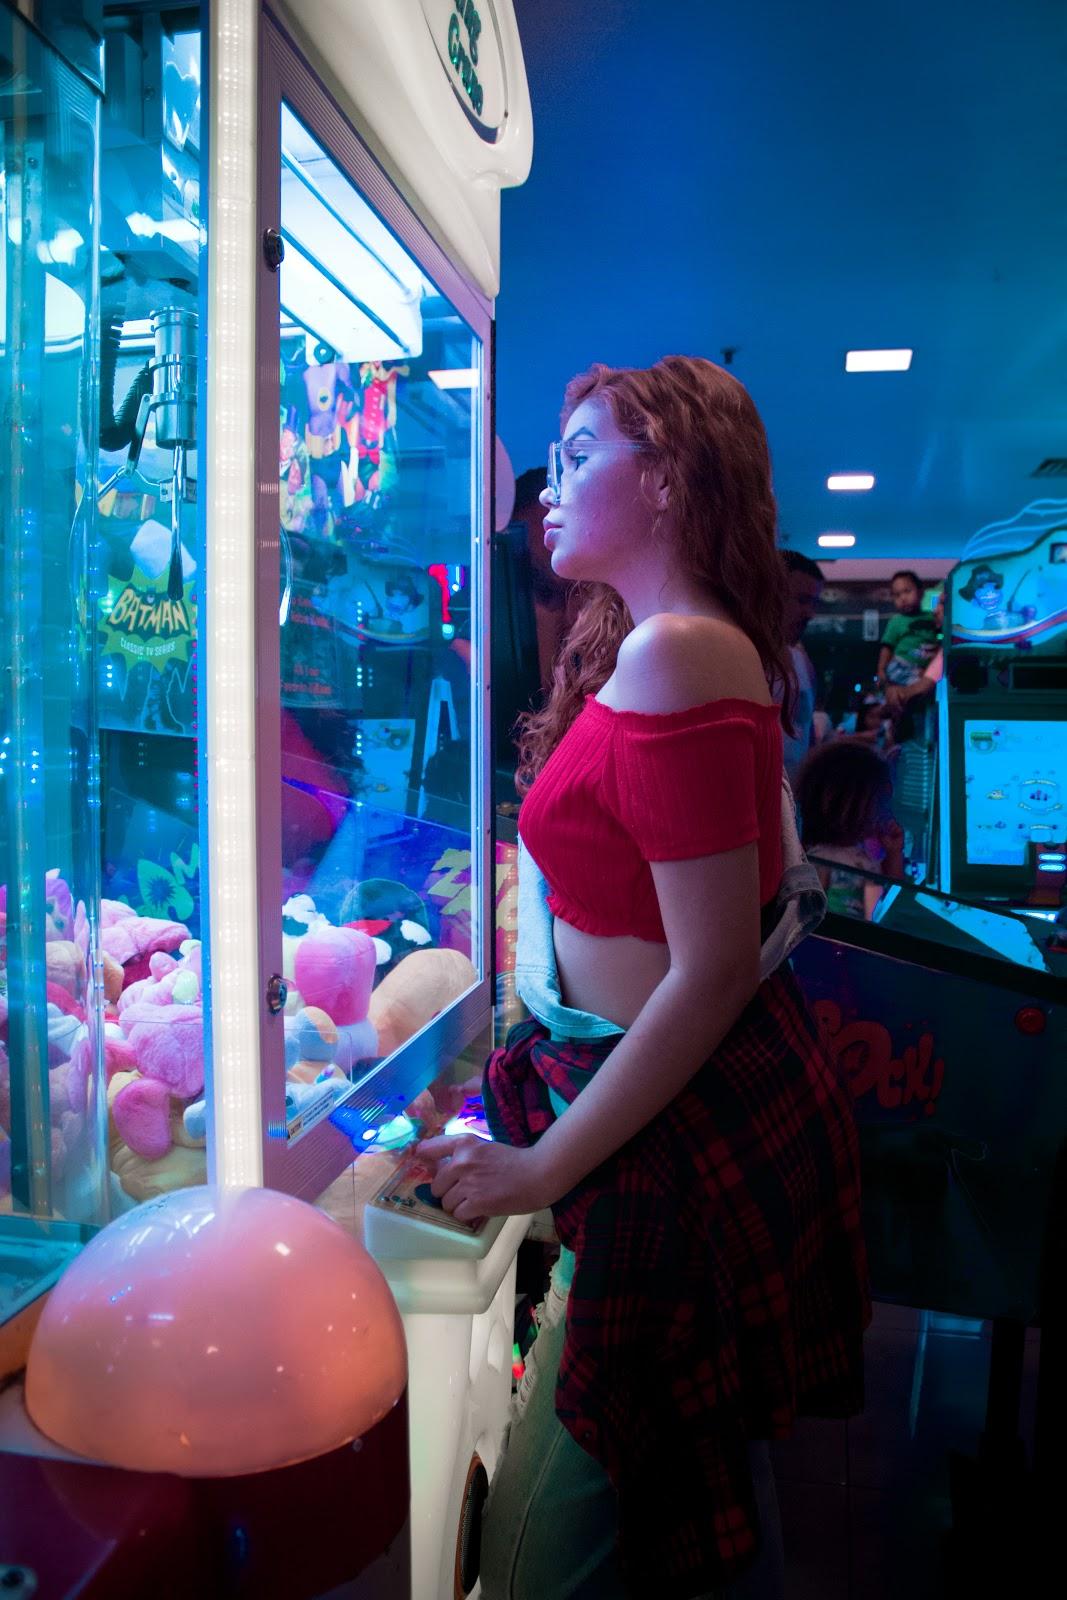 inspiração fotos em brinquedos de shopping, maquina de bichinho de pelucia, moto, jogos, poses, tumblr girl, top shopping nova iguaçu, rio de janeiro, ingrid gleize